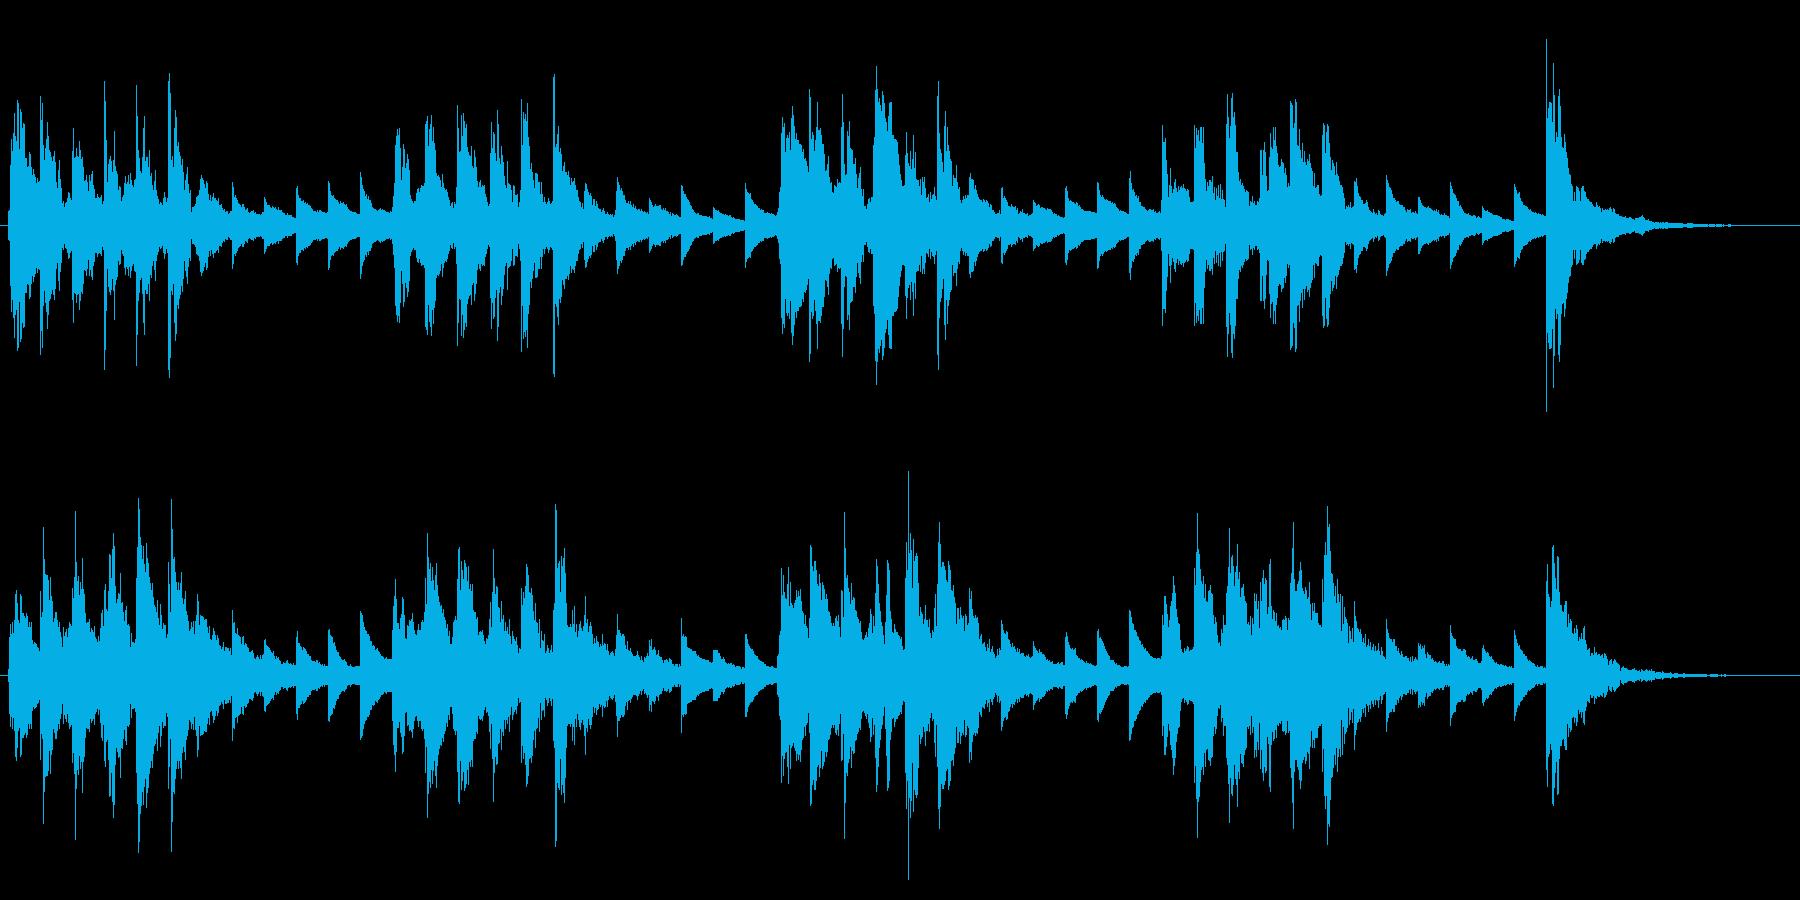 穏やかで可愛らしい小編成オーケストラロゴの再生済みの波形